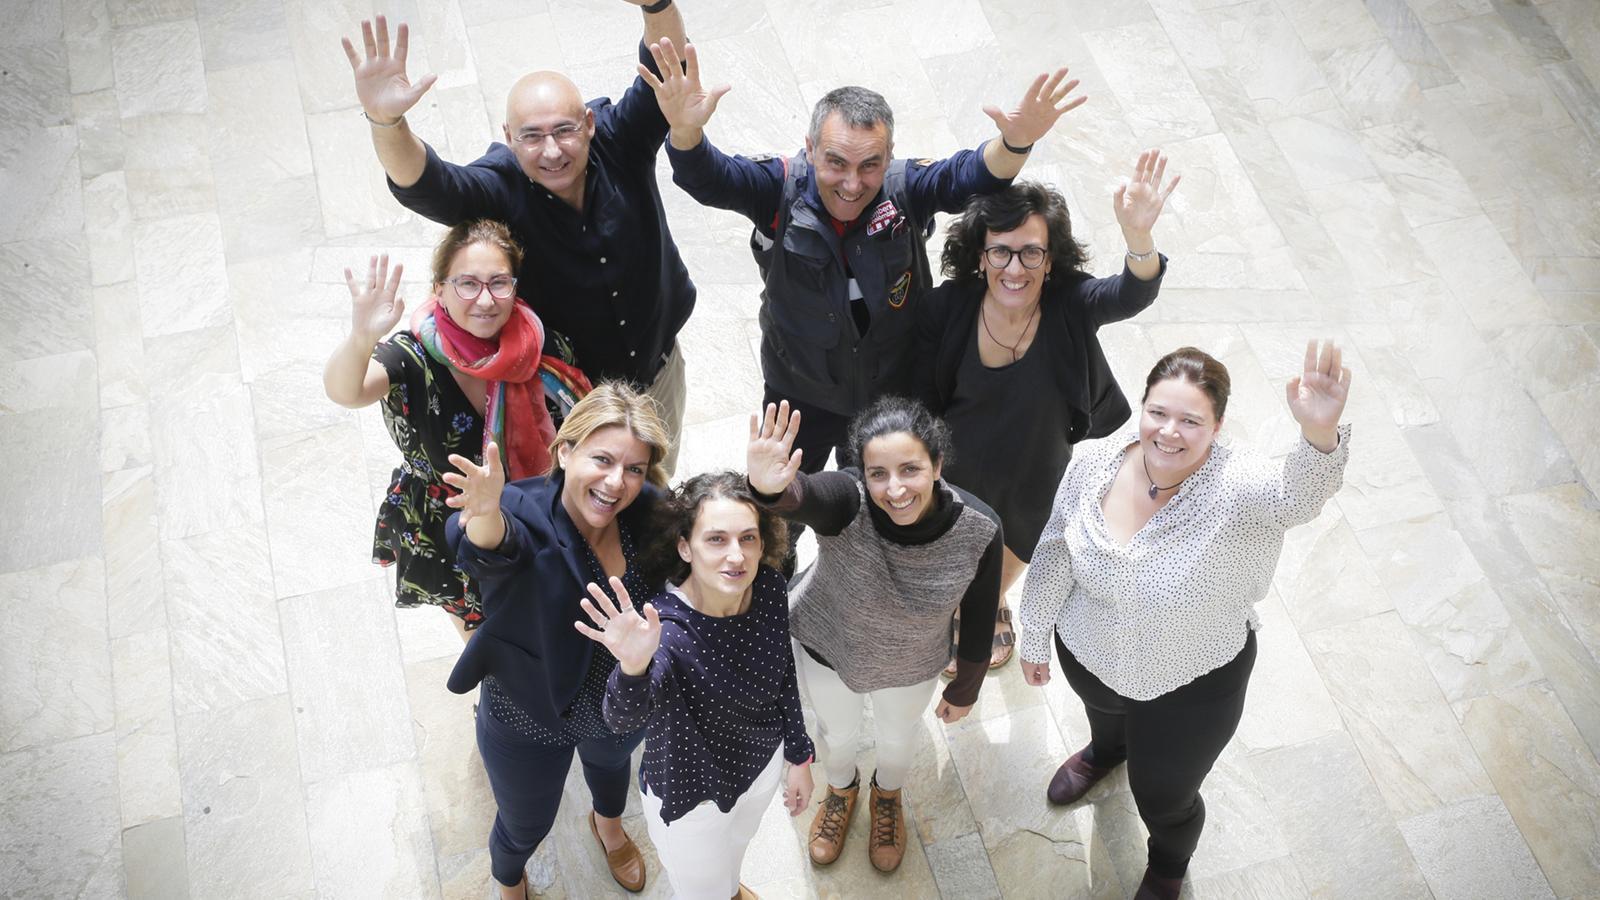 Les representants del govern uruguaià han mostrat interès en la metodologia emprada per Andorra. / SFG